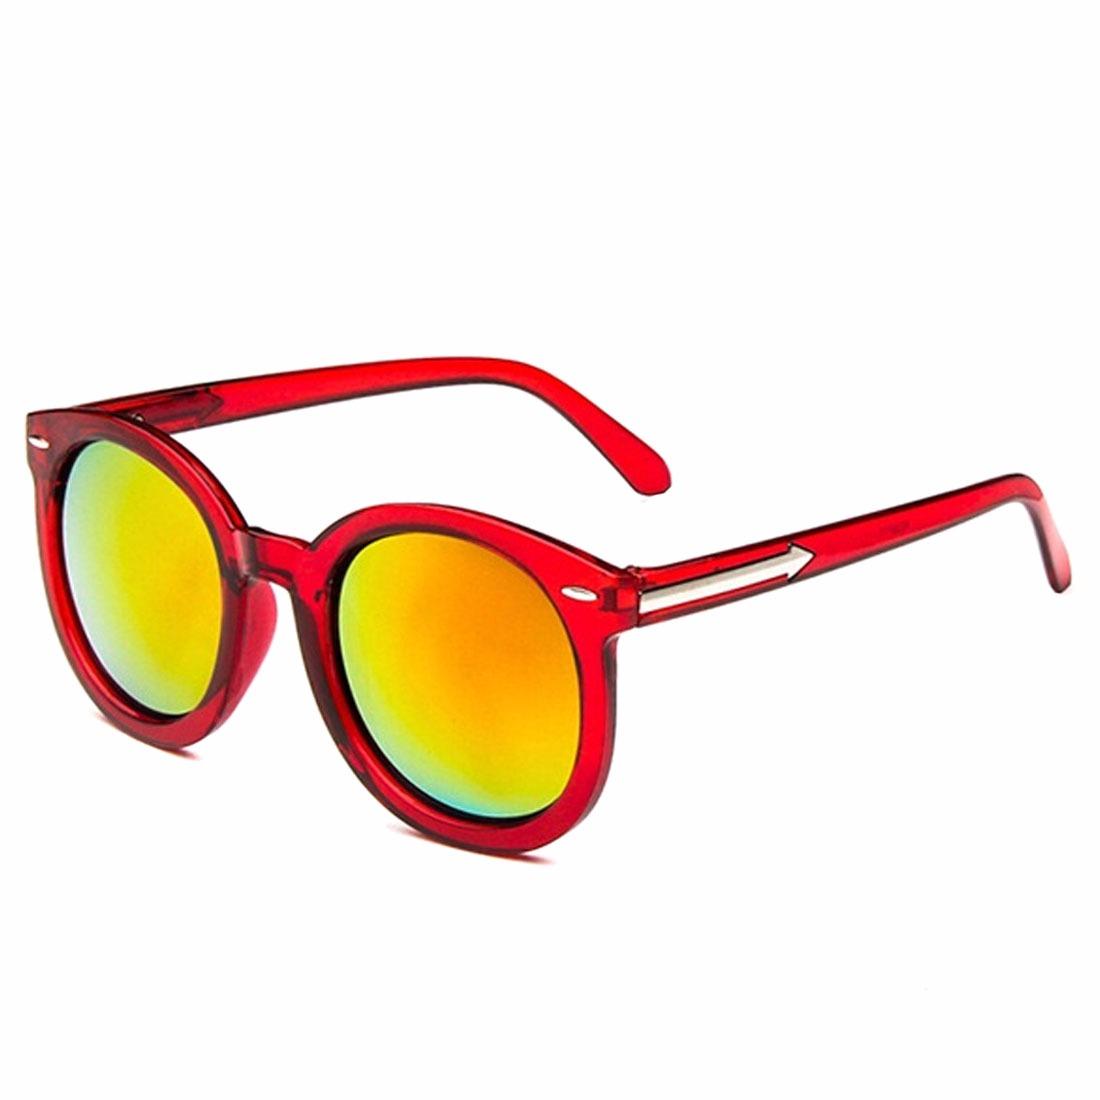 Large womens fashion oversized round circle sunglasses ebay - Vintage Round Circle Celebrity Style Classical Uv400